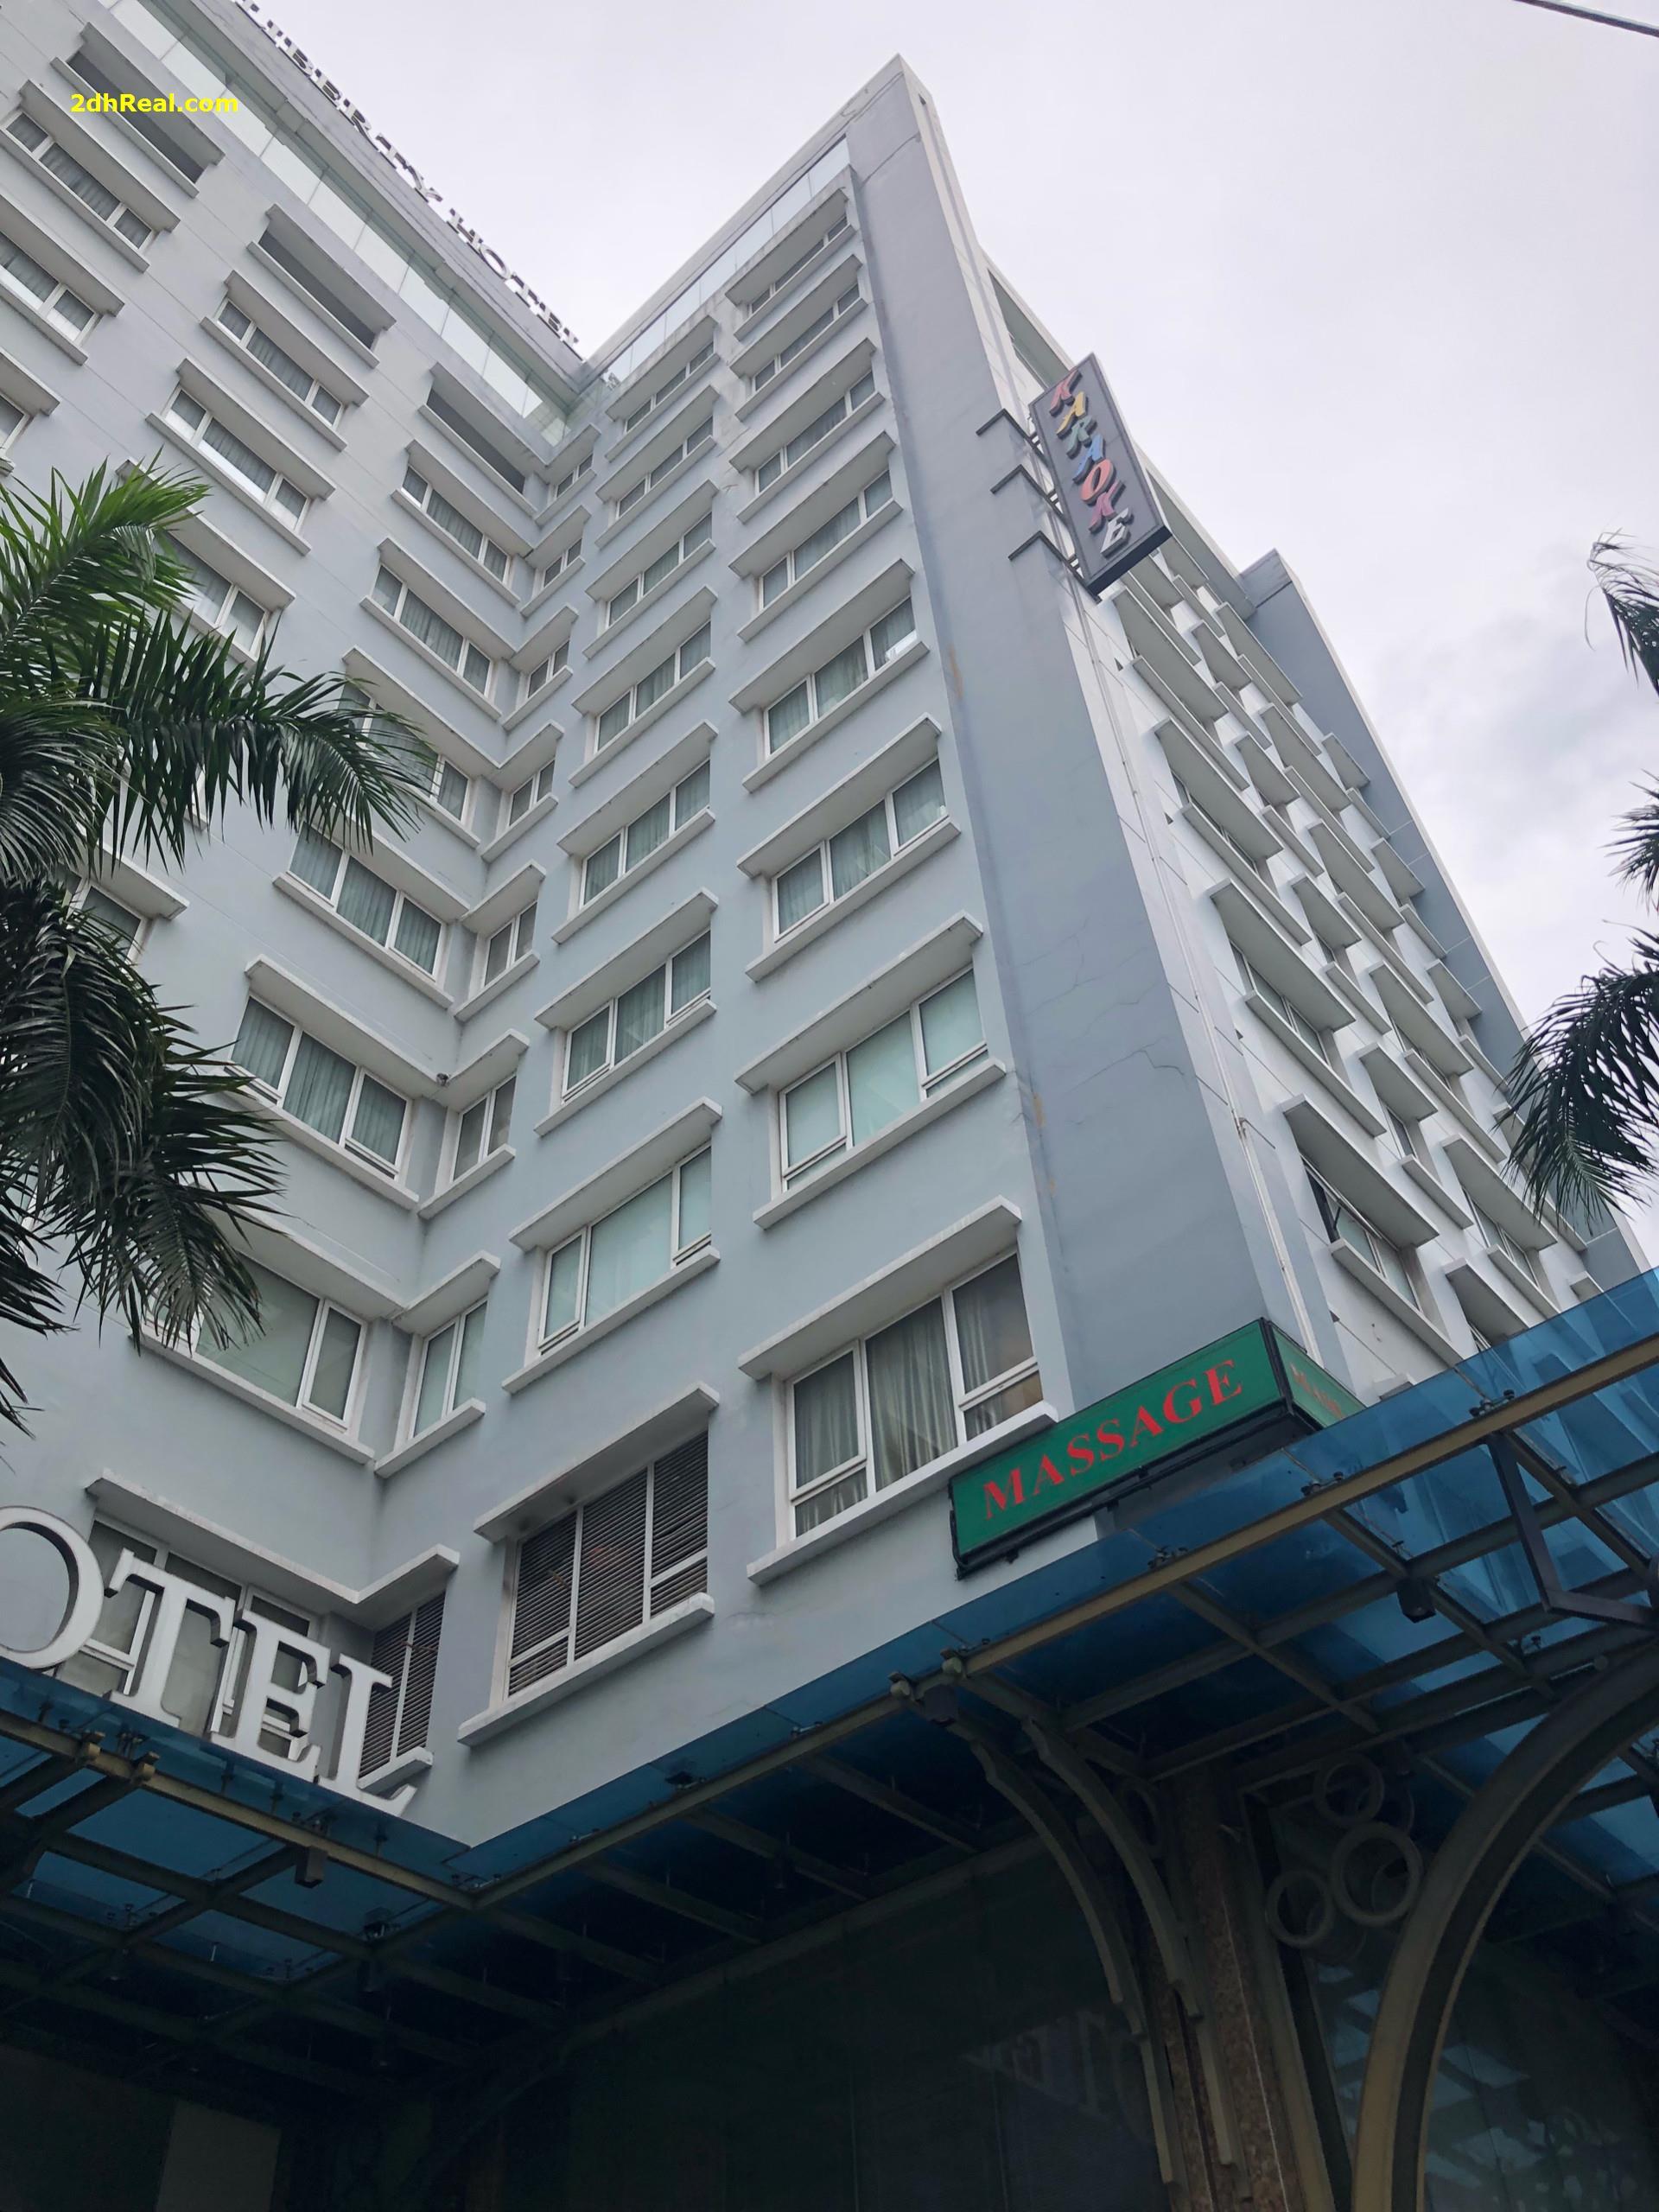 Bán khách sạn 3 sao 542 - 544 Huỳnh Tấn Phát quận 7